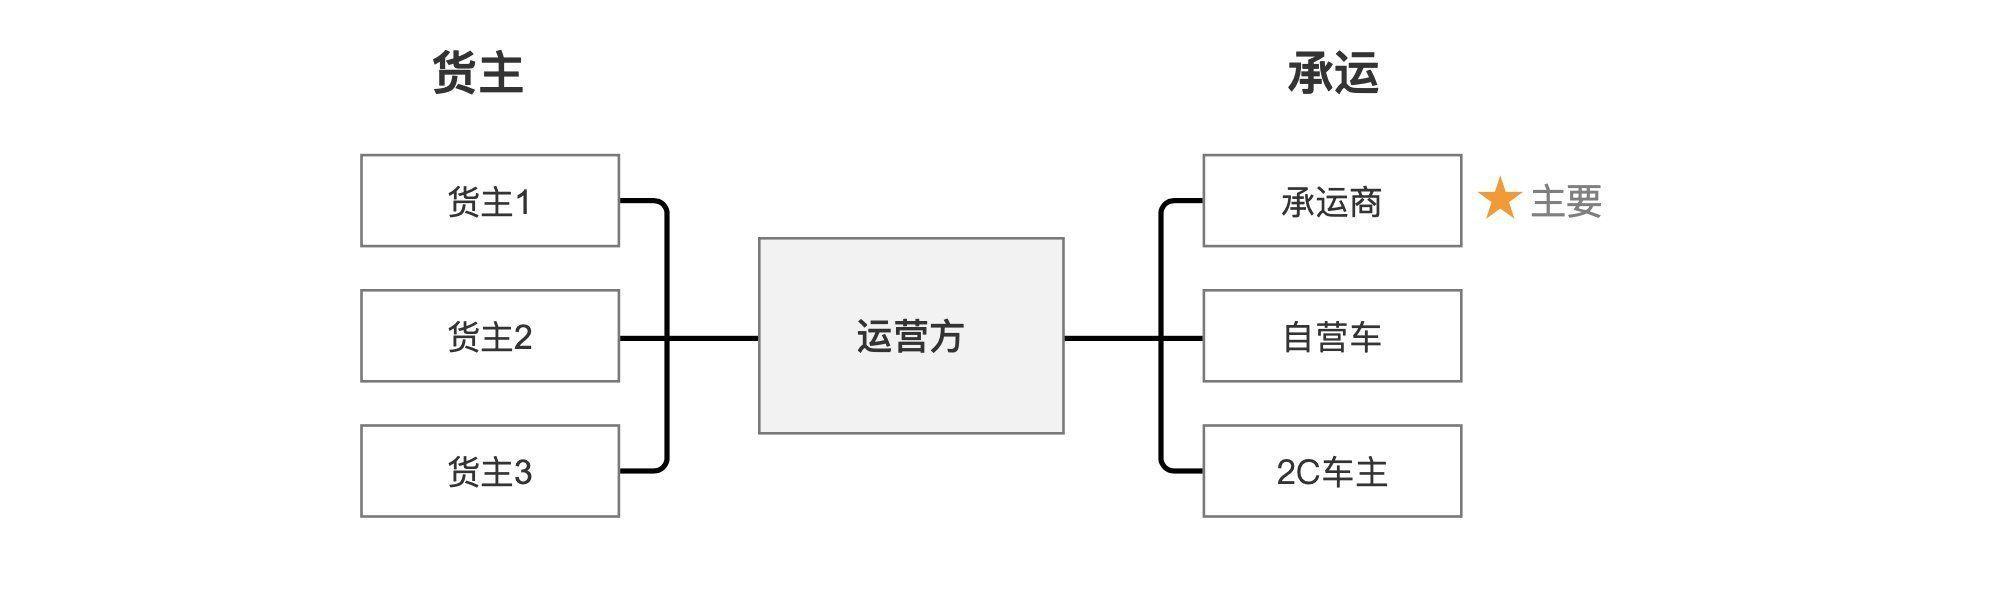 TMS运输管理系统:结合业务分析各个功能模块